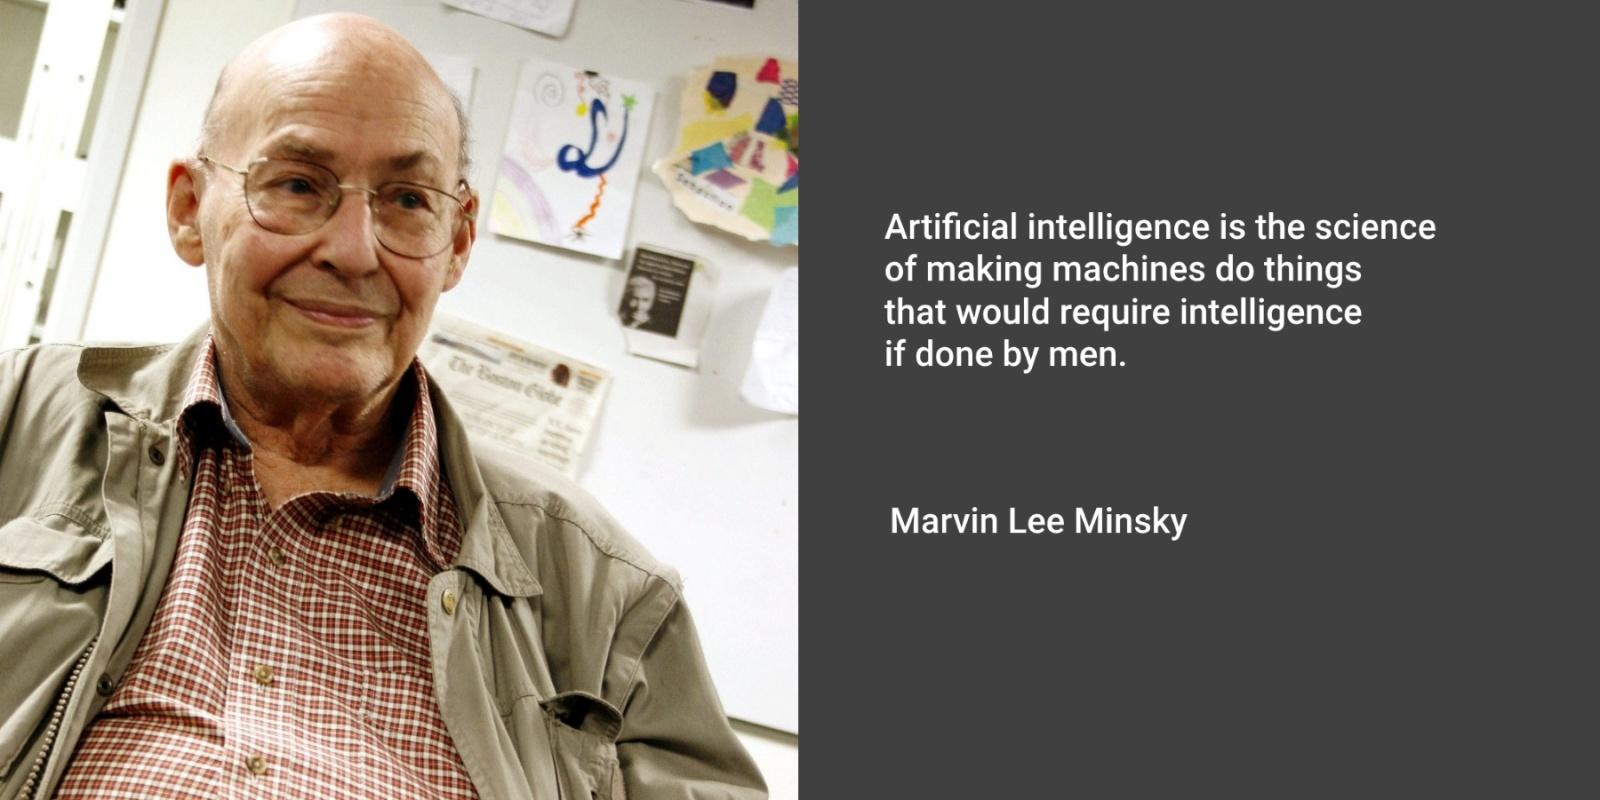 Разработка сильного ИИ, путем копирования структур и процессов психики человека - 1